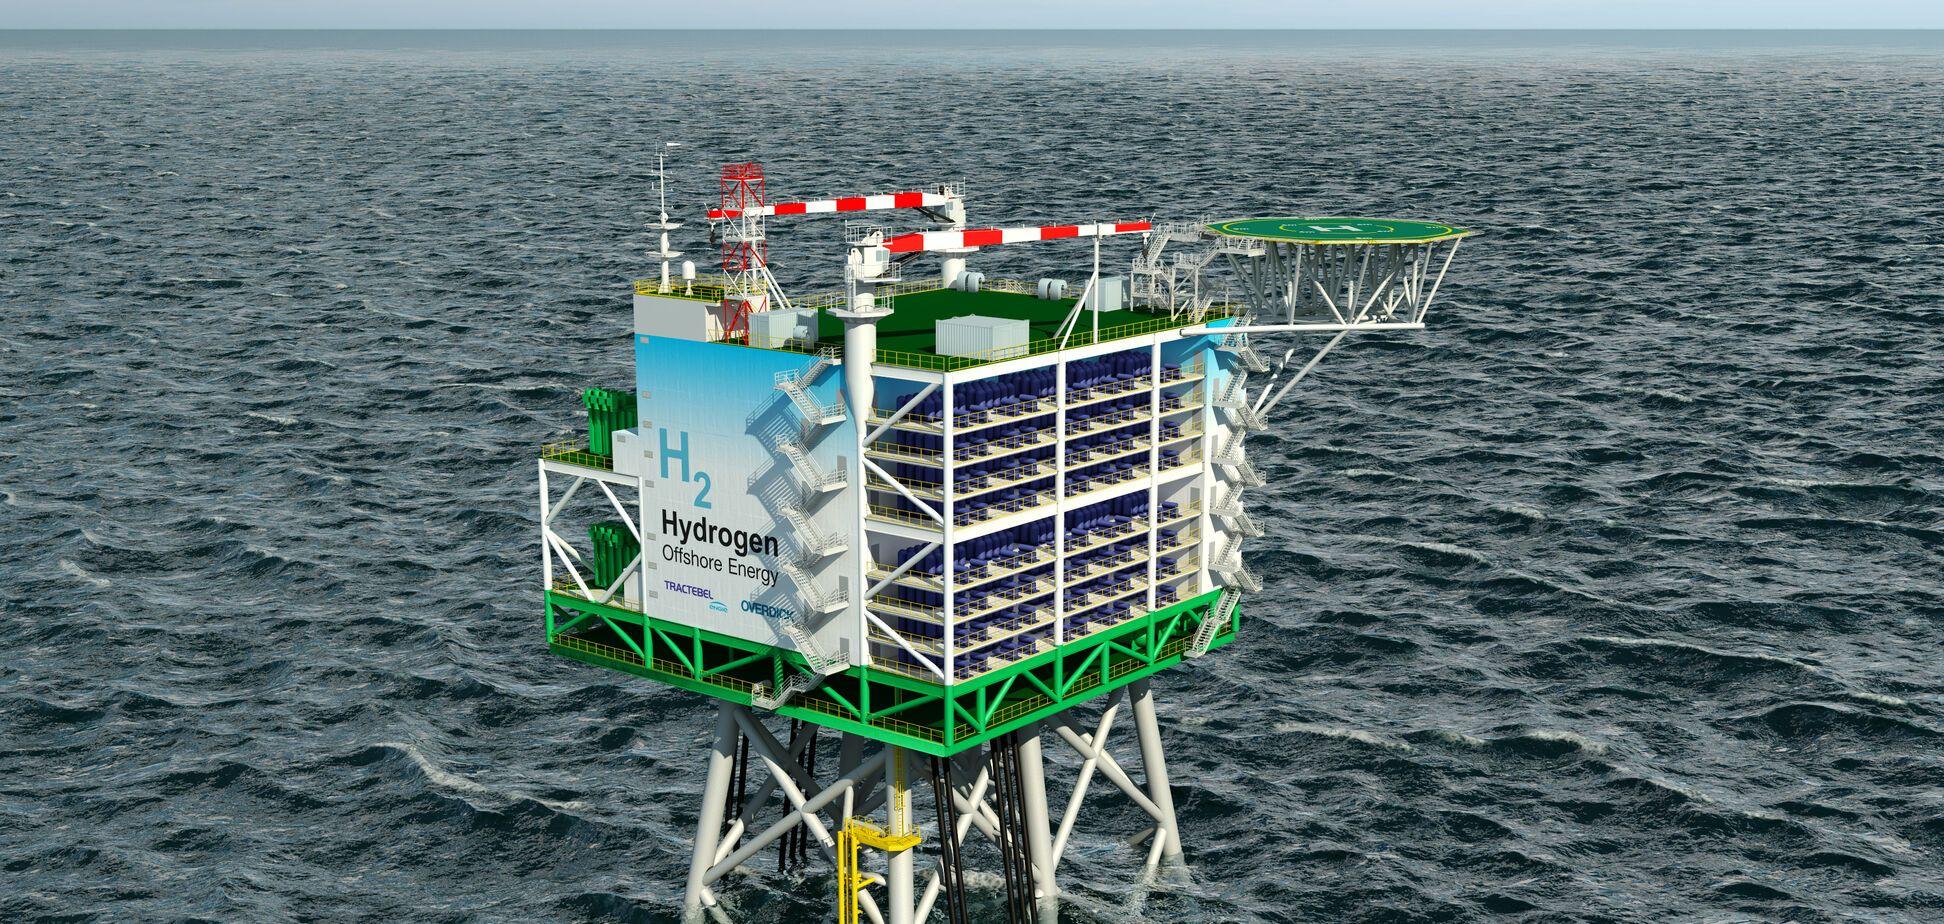 Відмова від нафти й газу: озвучено перспективи переходу України на водень